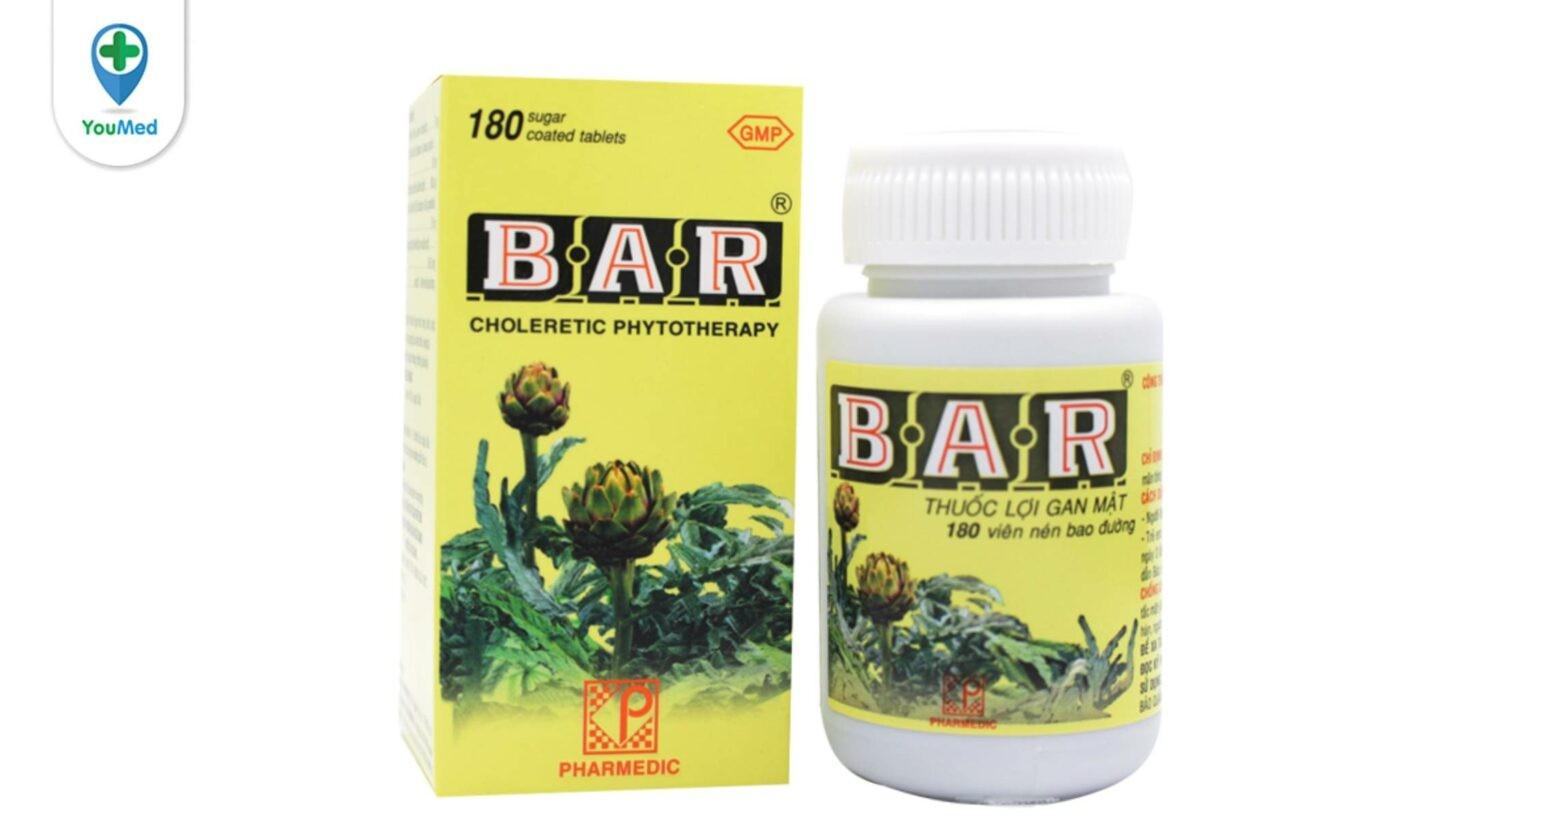 Bạn biết gì về thuốc lợi gan mật Bar?